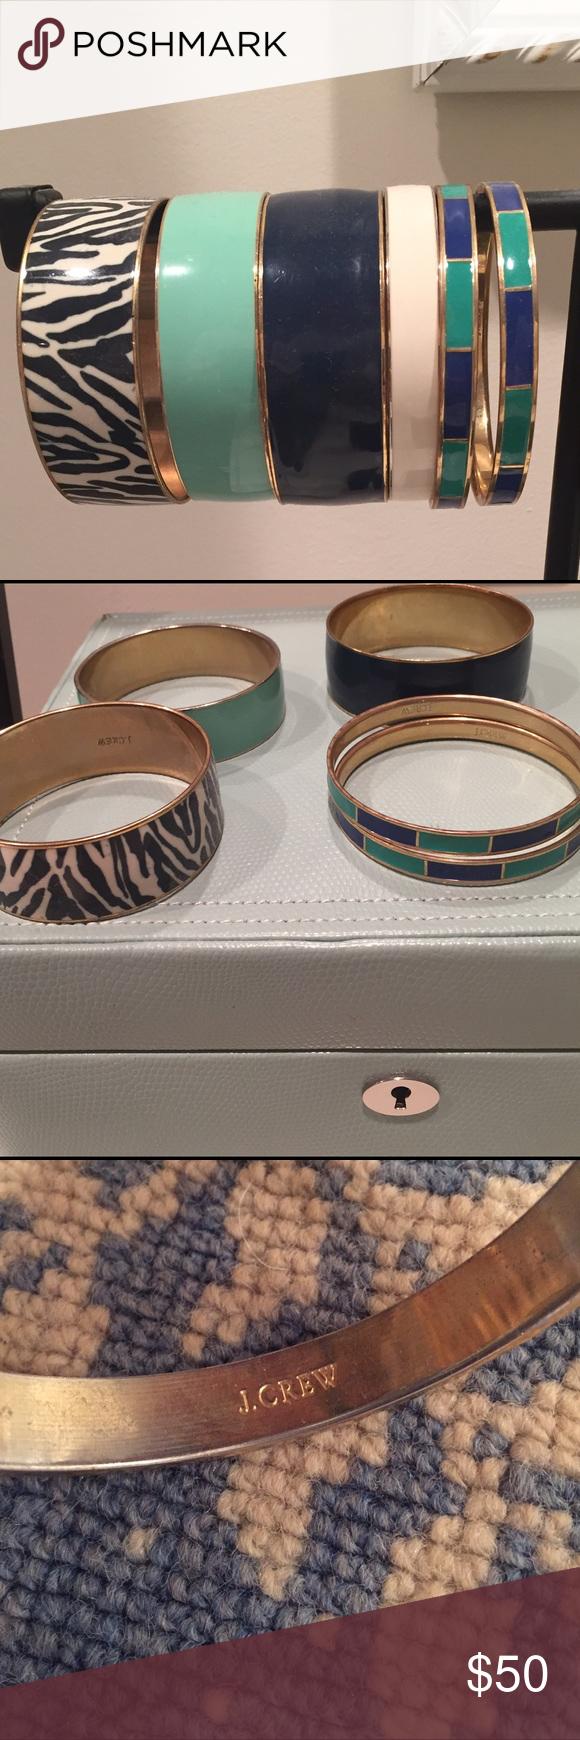 Set of Jcrew Enamel Bangle Bracelets w/ Gold Trim! Light wear! Classic Jcrew stackable bracelets all with inside gold tone & Jcrew marking. Diameter is 2.5in. Open to selling bracelets separately for lower price if interested LMK! J. Crew Jewelry Bracelets